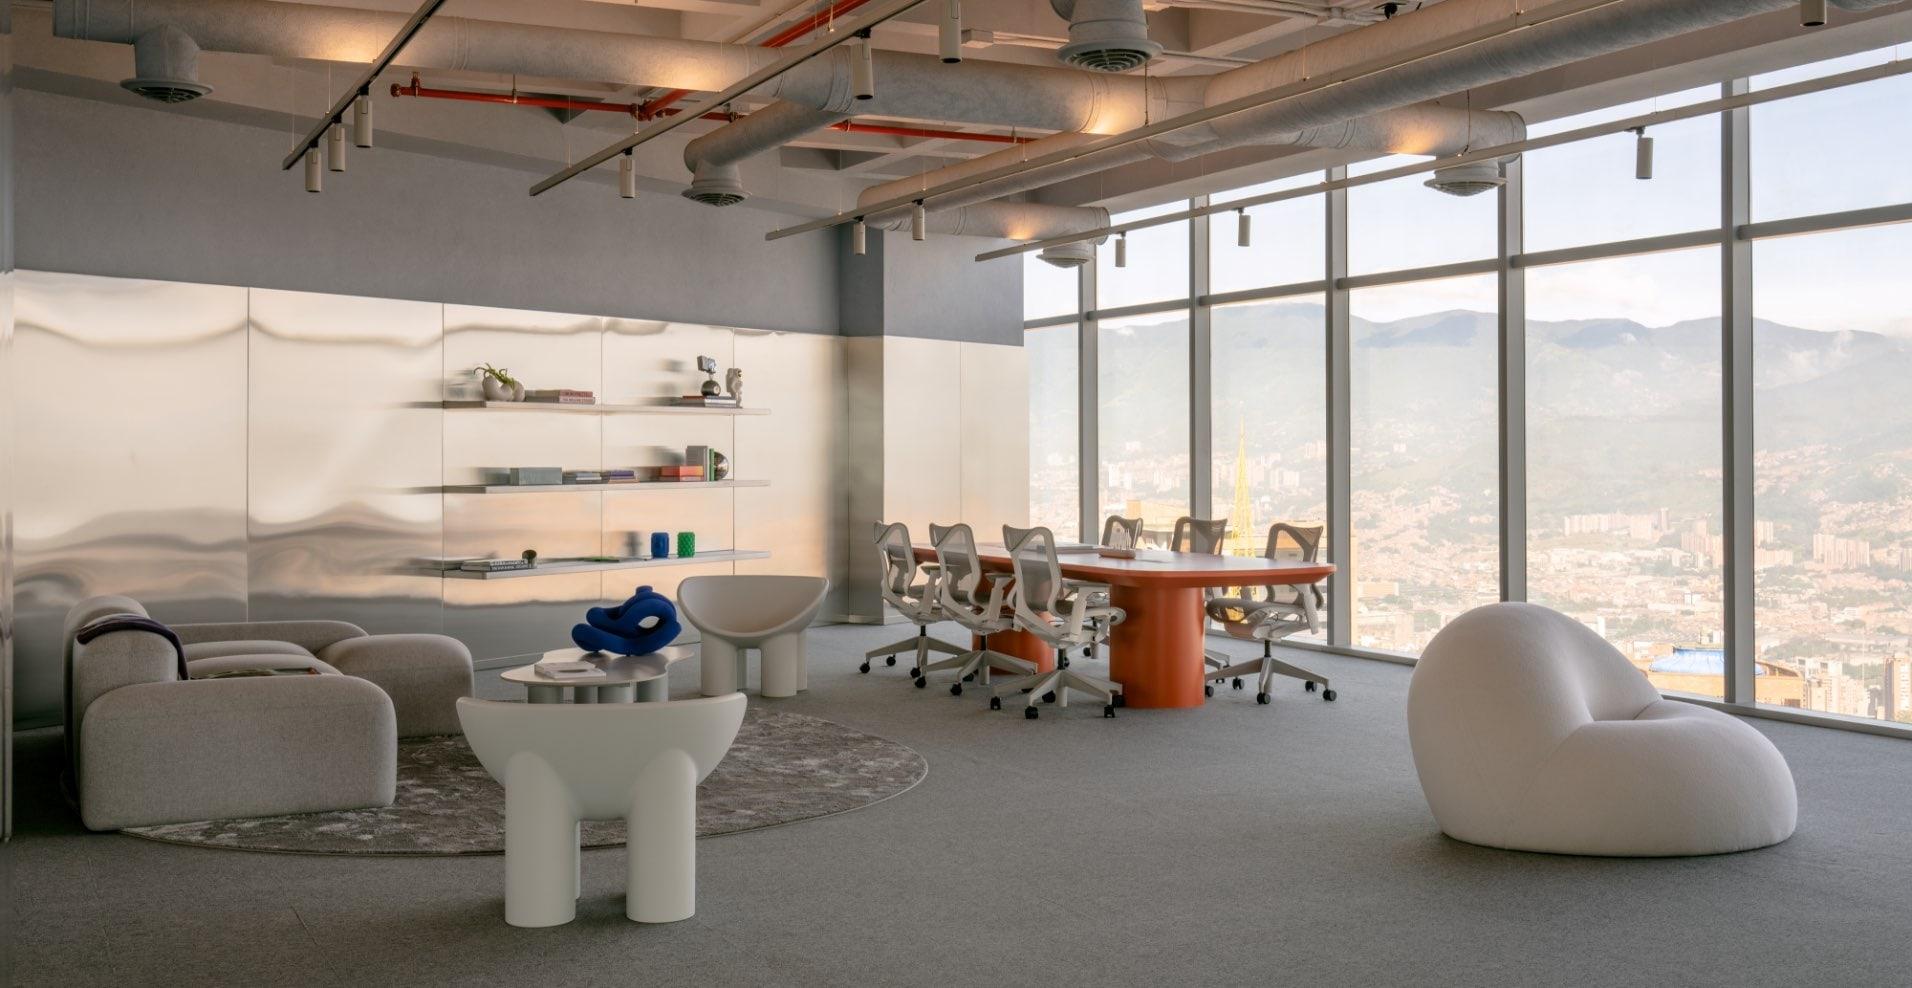 11-oficinas-vibras-lab-home-bioclimatica